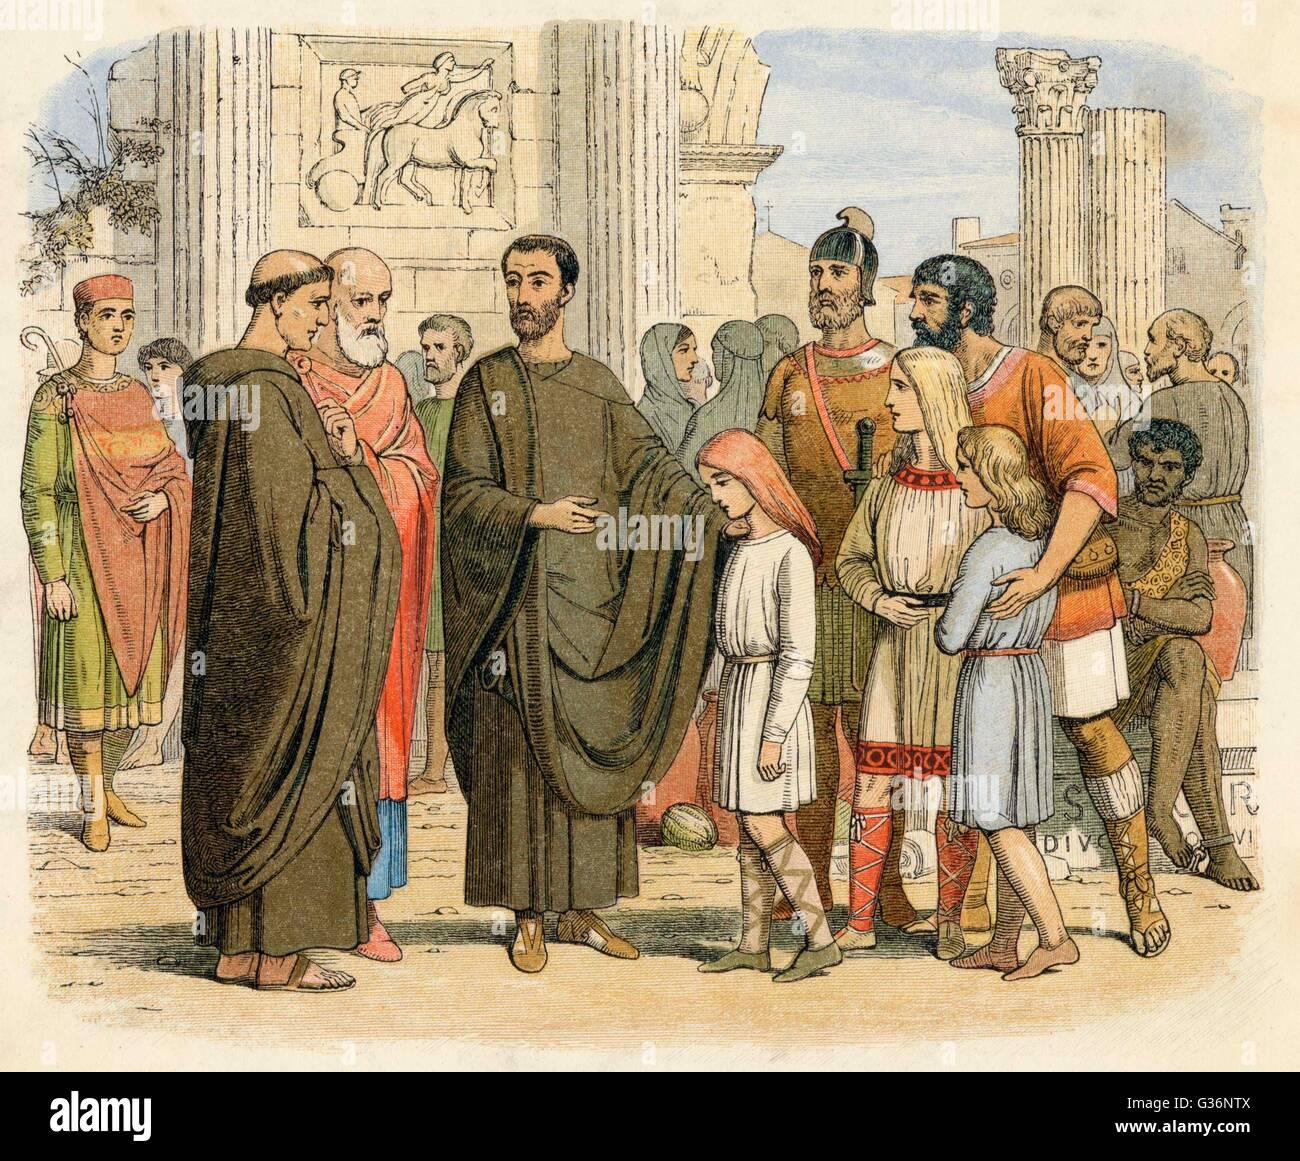 Le Pape Gregoire I Le Grand Voit Quelques Jeunes Esclaves Anglais A